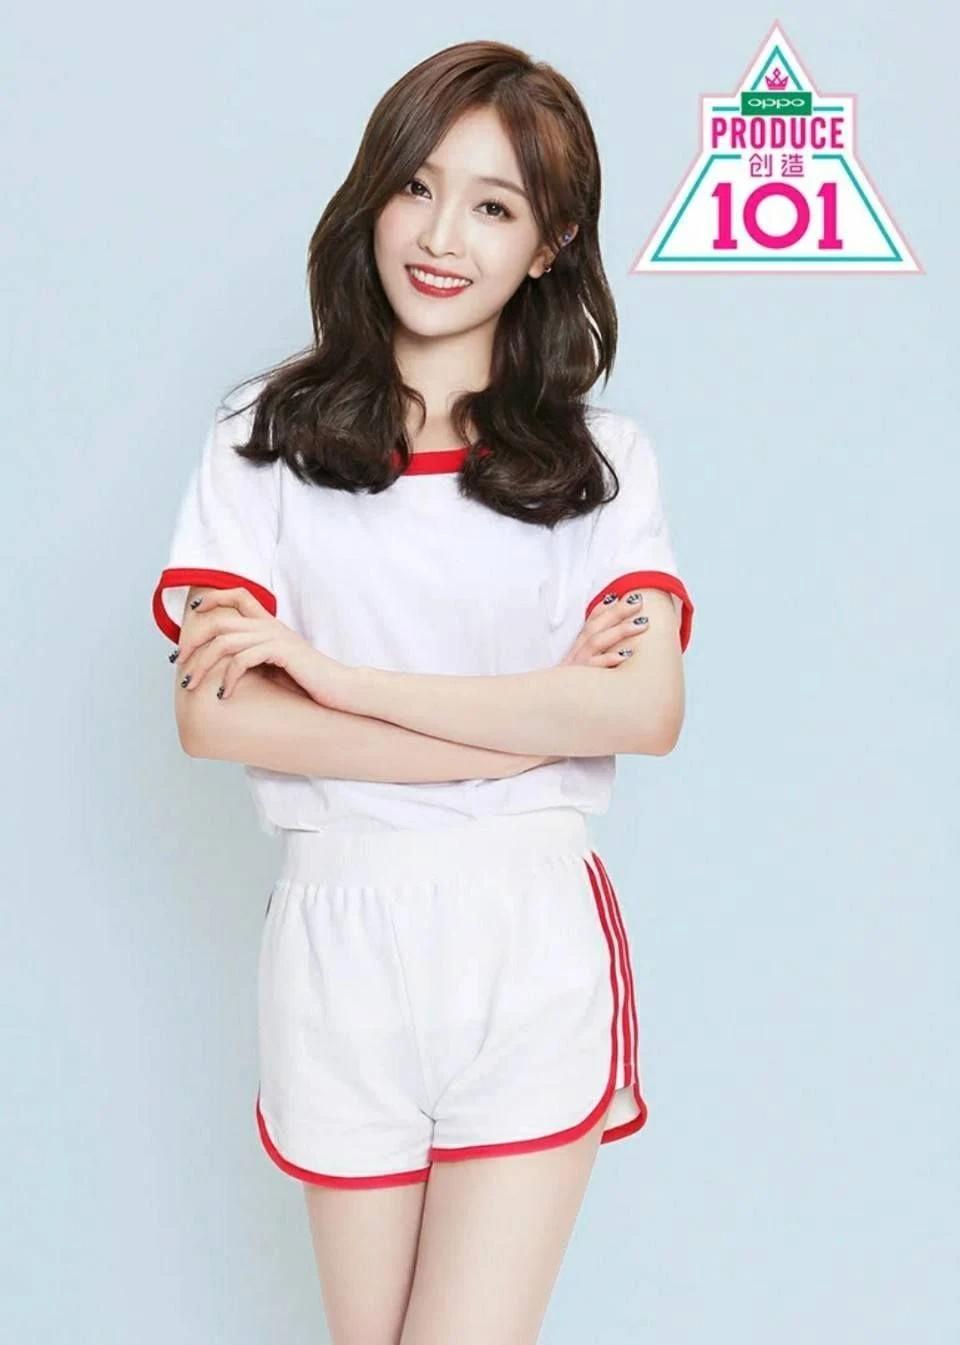 回国参加偶像选秀才是正确的?这9名偶像都曾在韩国出道过!插图(8)